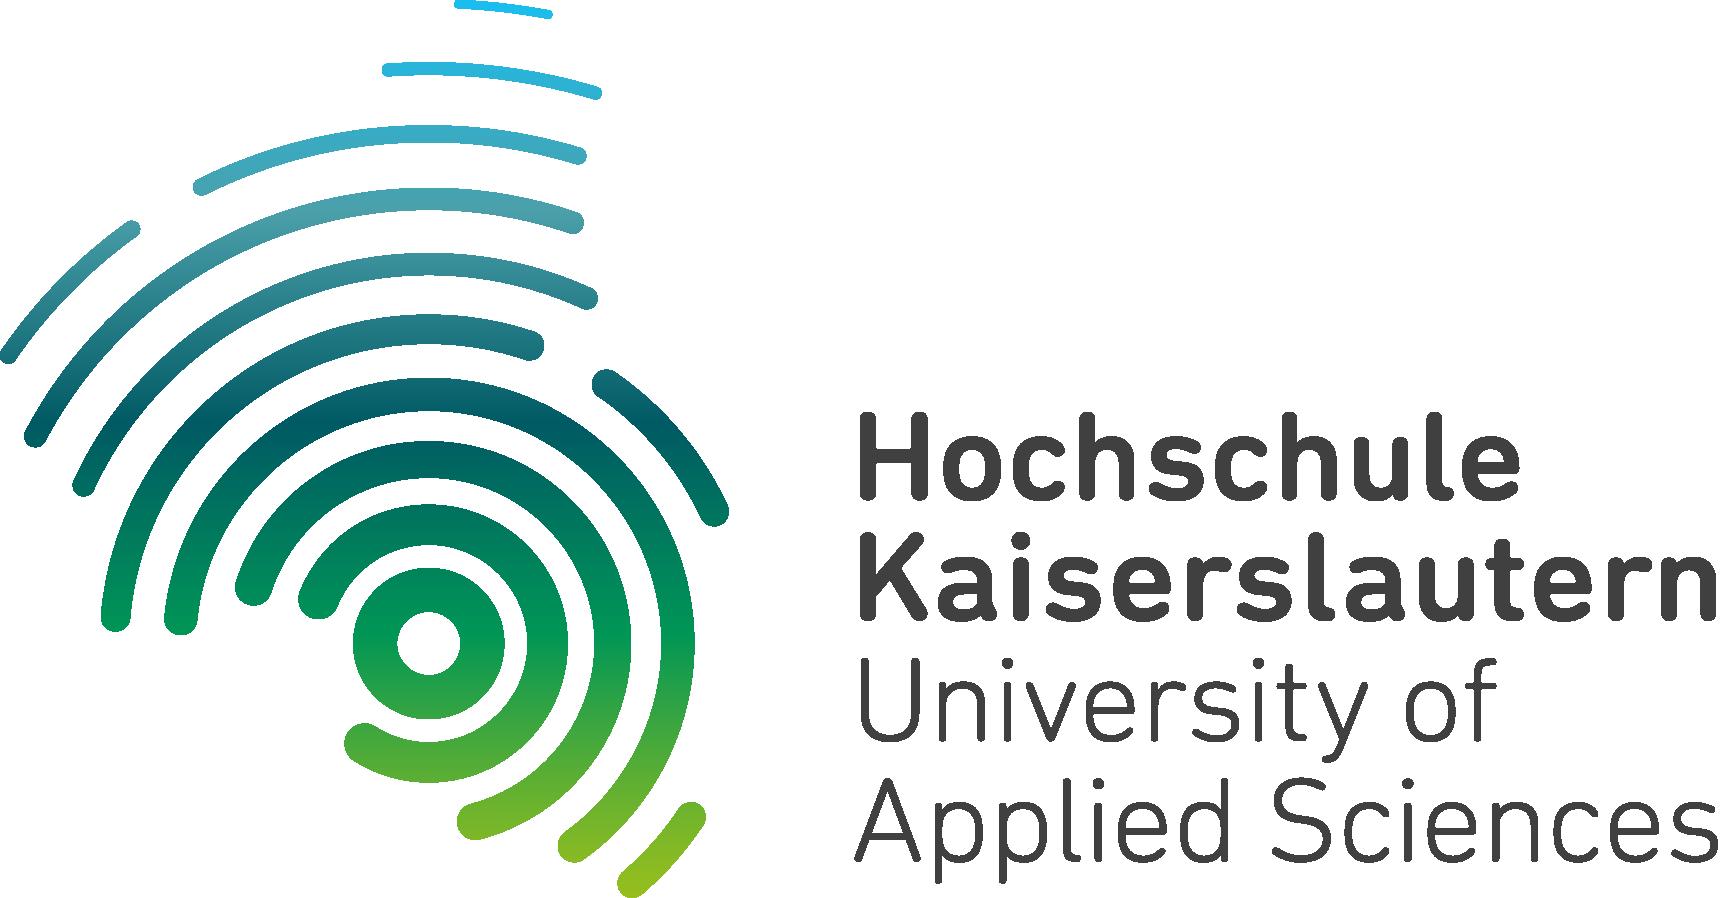 Hochschule Kaiserslautern – Wikipedia